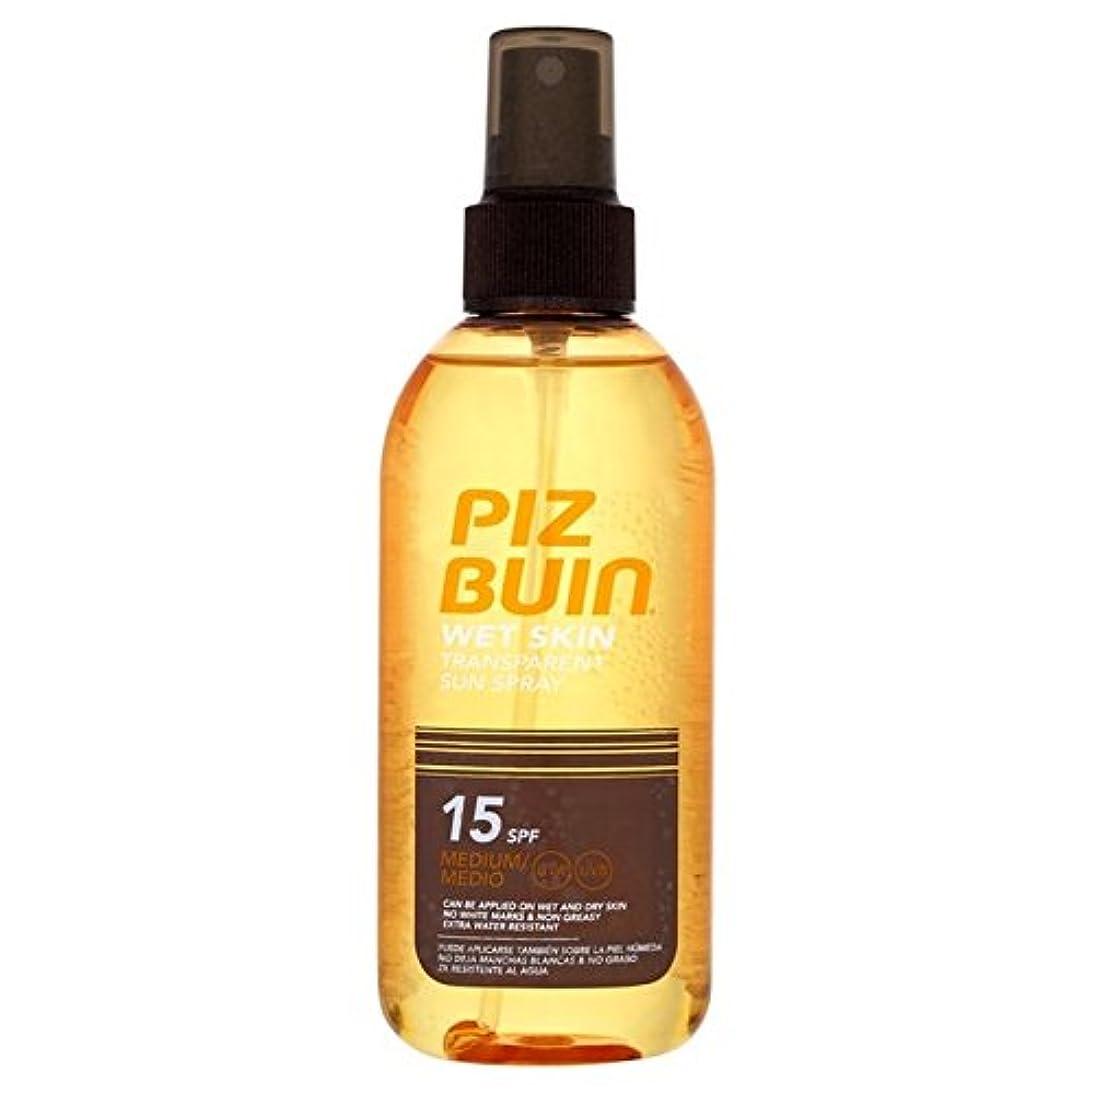 誰ゴムくすぐったいピッツブーインの湿った透明肌15の150ミリリットル x4 - Piz Buin Wet Transparent Skin SPF15 150ml (Pack of 4) [並行輸入品]